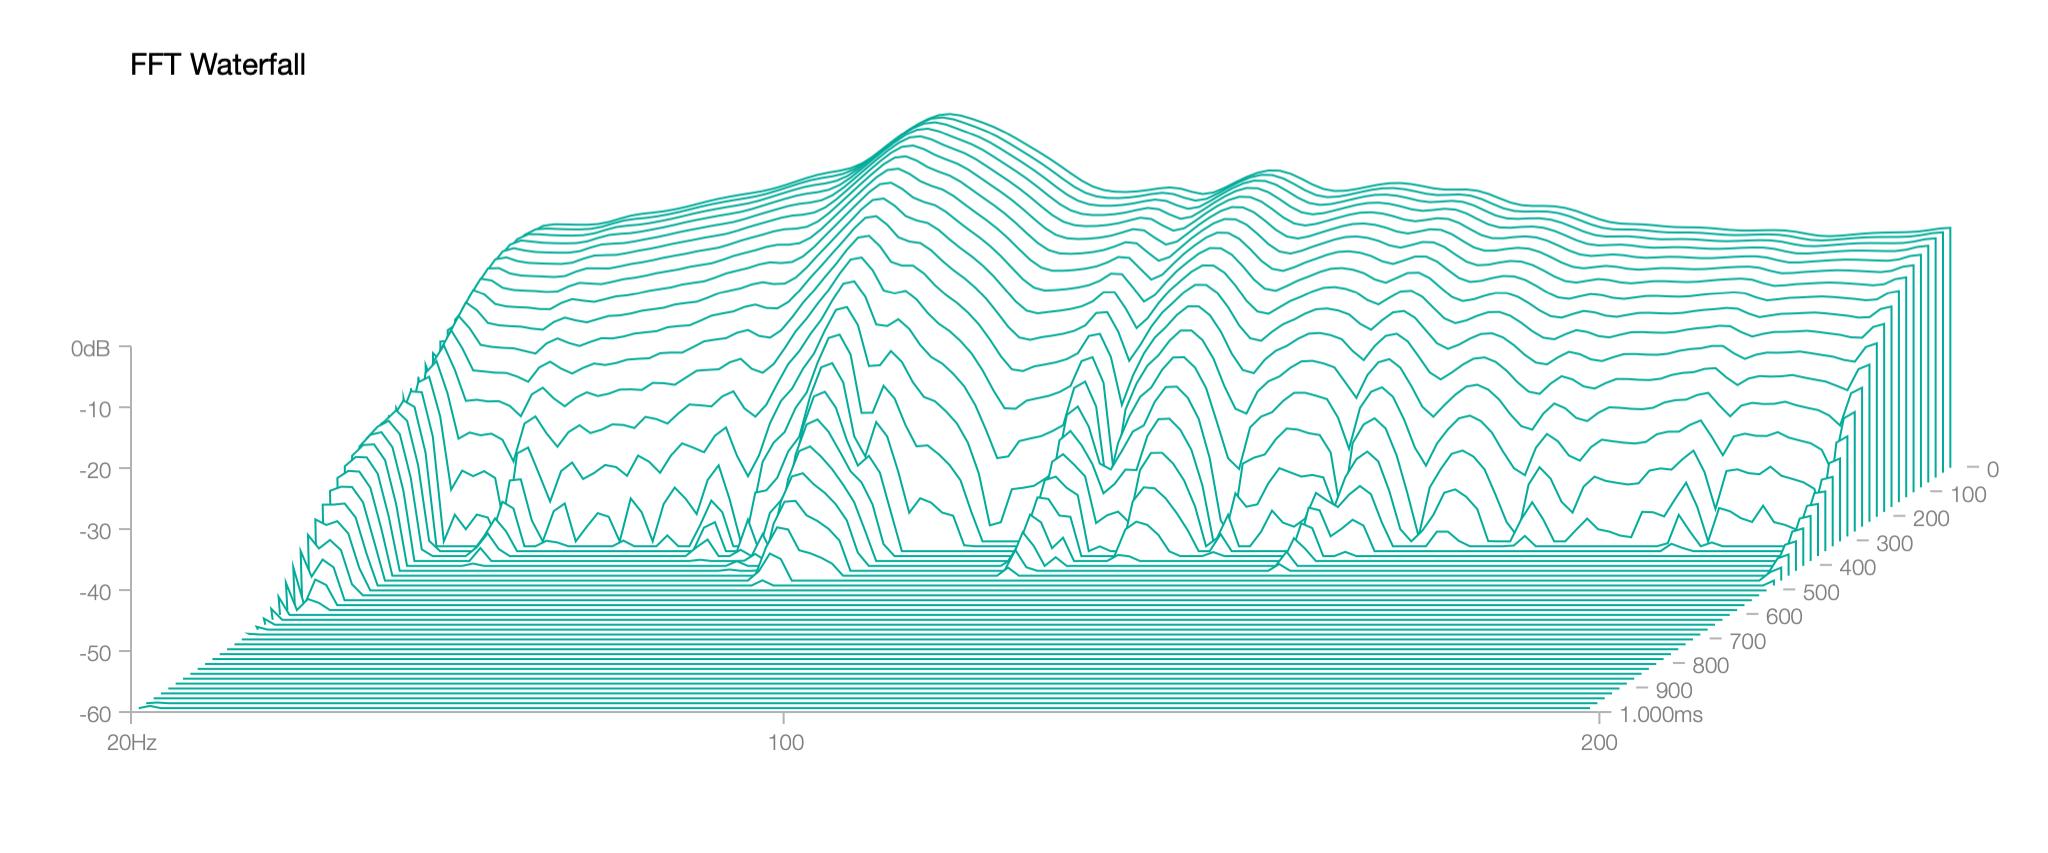 Wasserfalldiagramm tiefer Frequenzen in unserem Tonstudio mit Bassfallen in drei Ecken